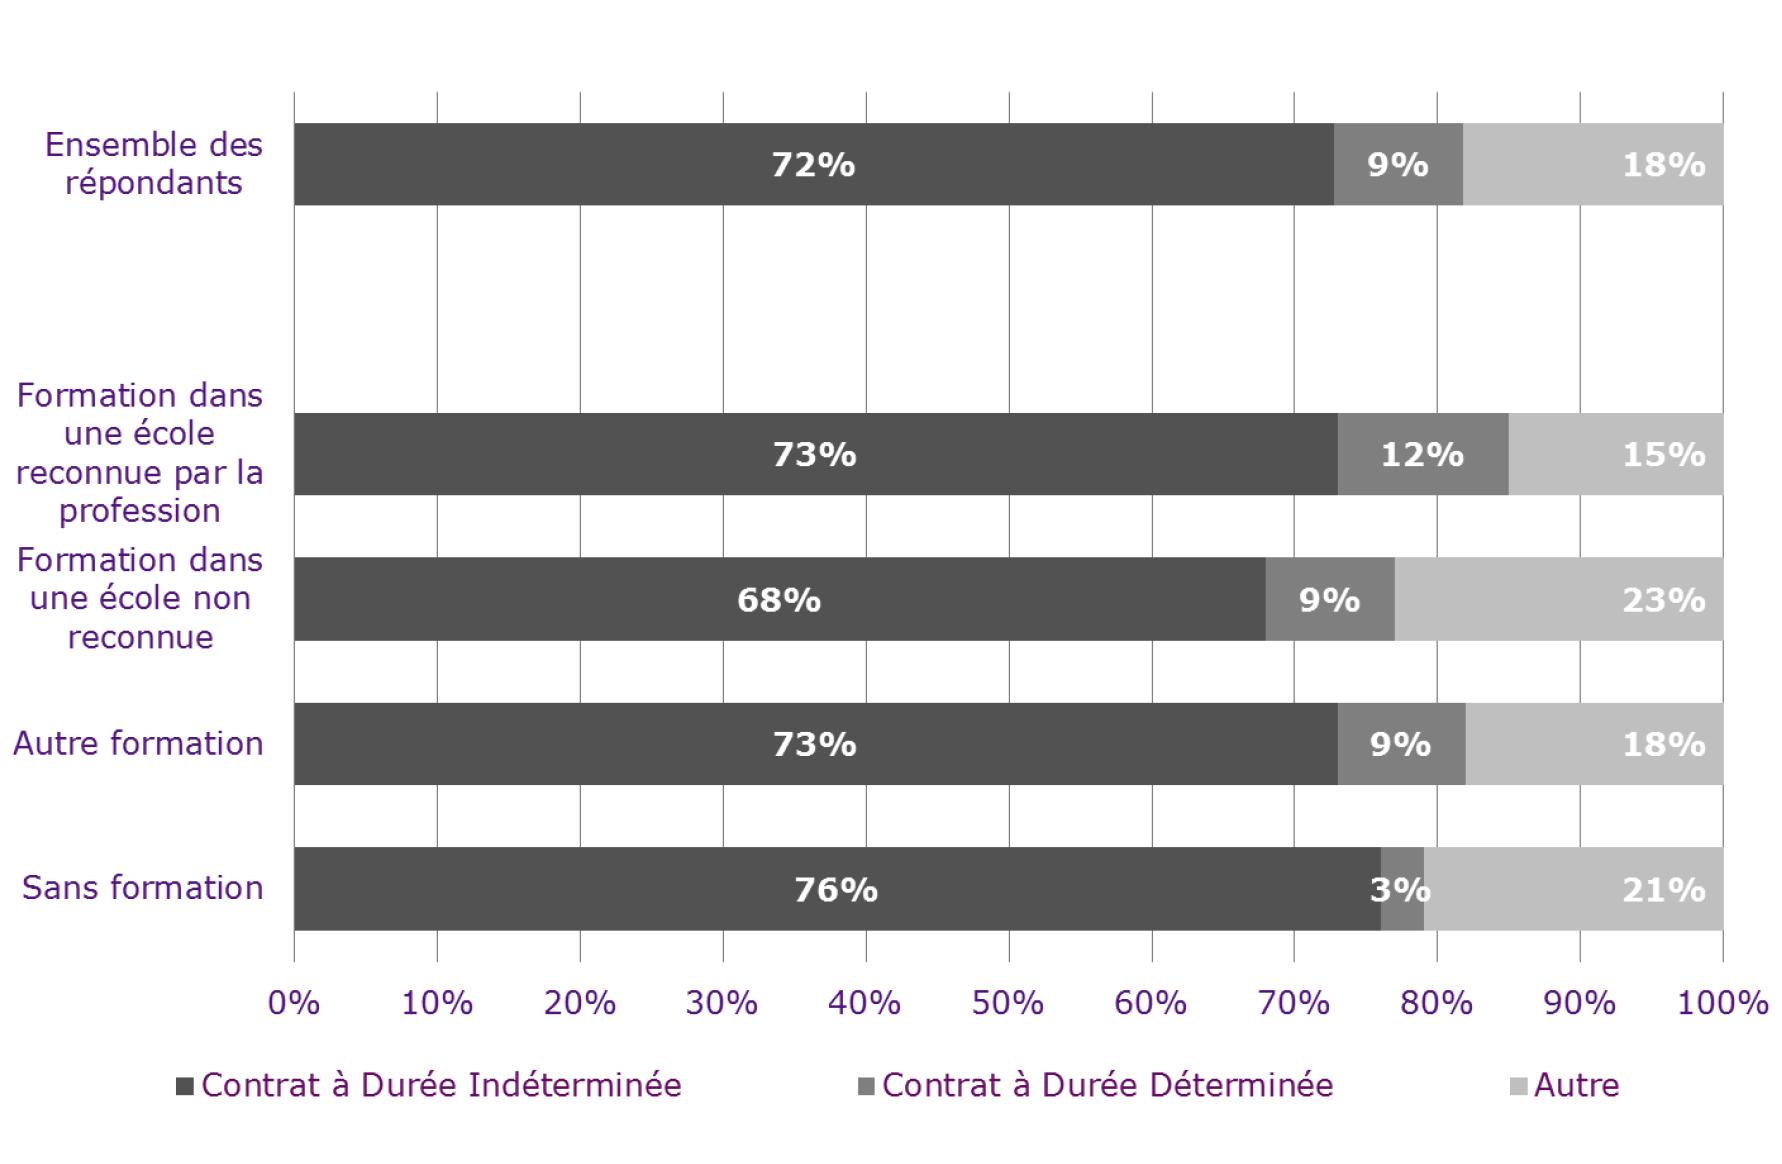 La formation dans une école reconnue améliore nettement la probabilité pour les jeunes diplômés d'entrer rapidement dans la profession avec pour eux un taux de 73% en CDI (autant que la moyenne de l'ensemble des journalistes)